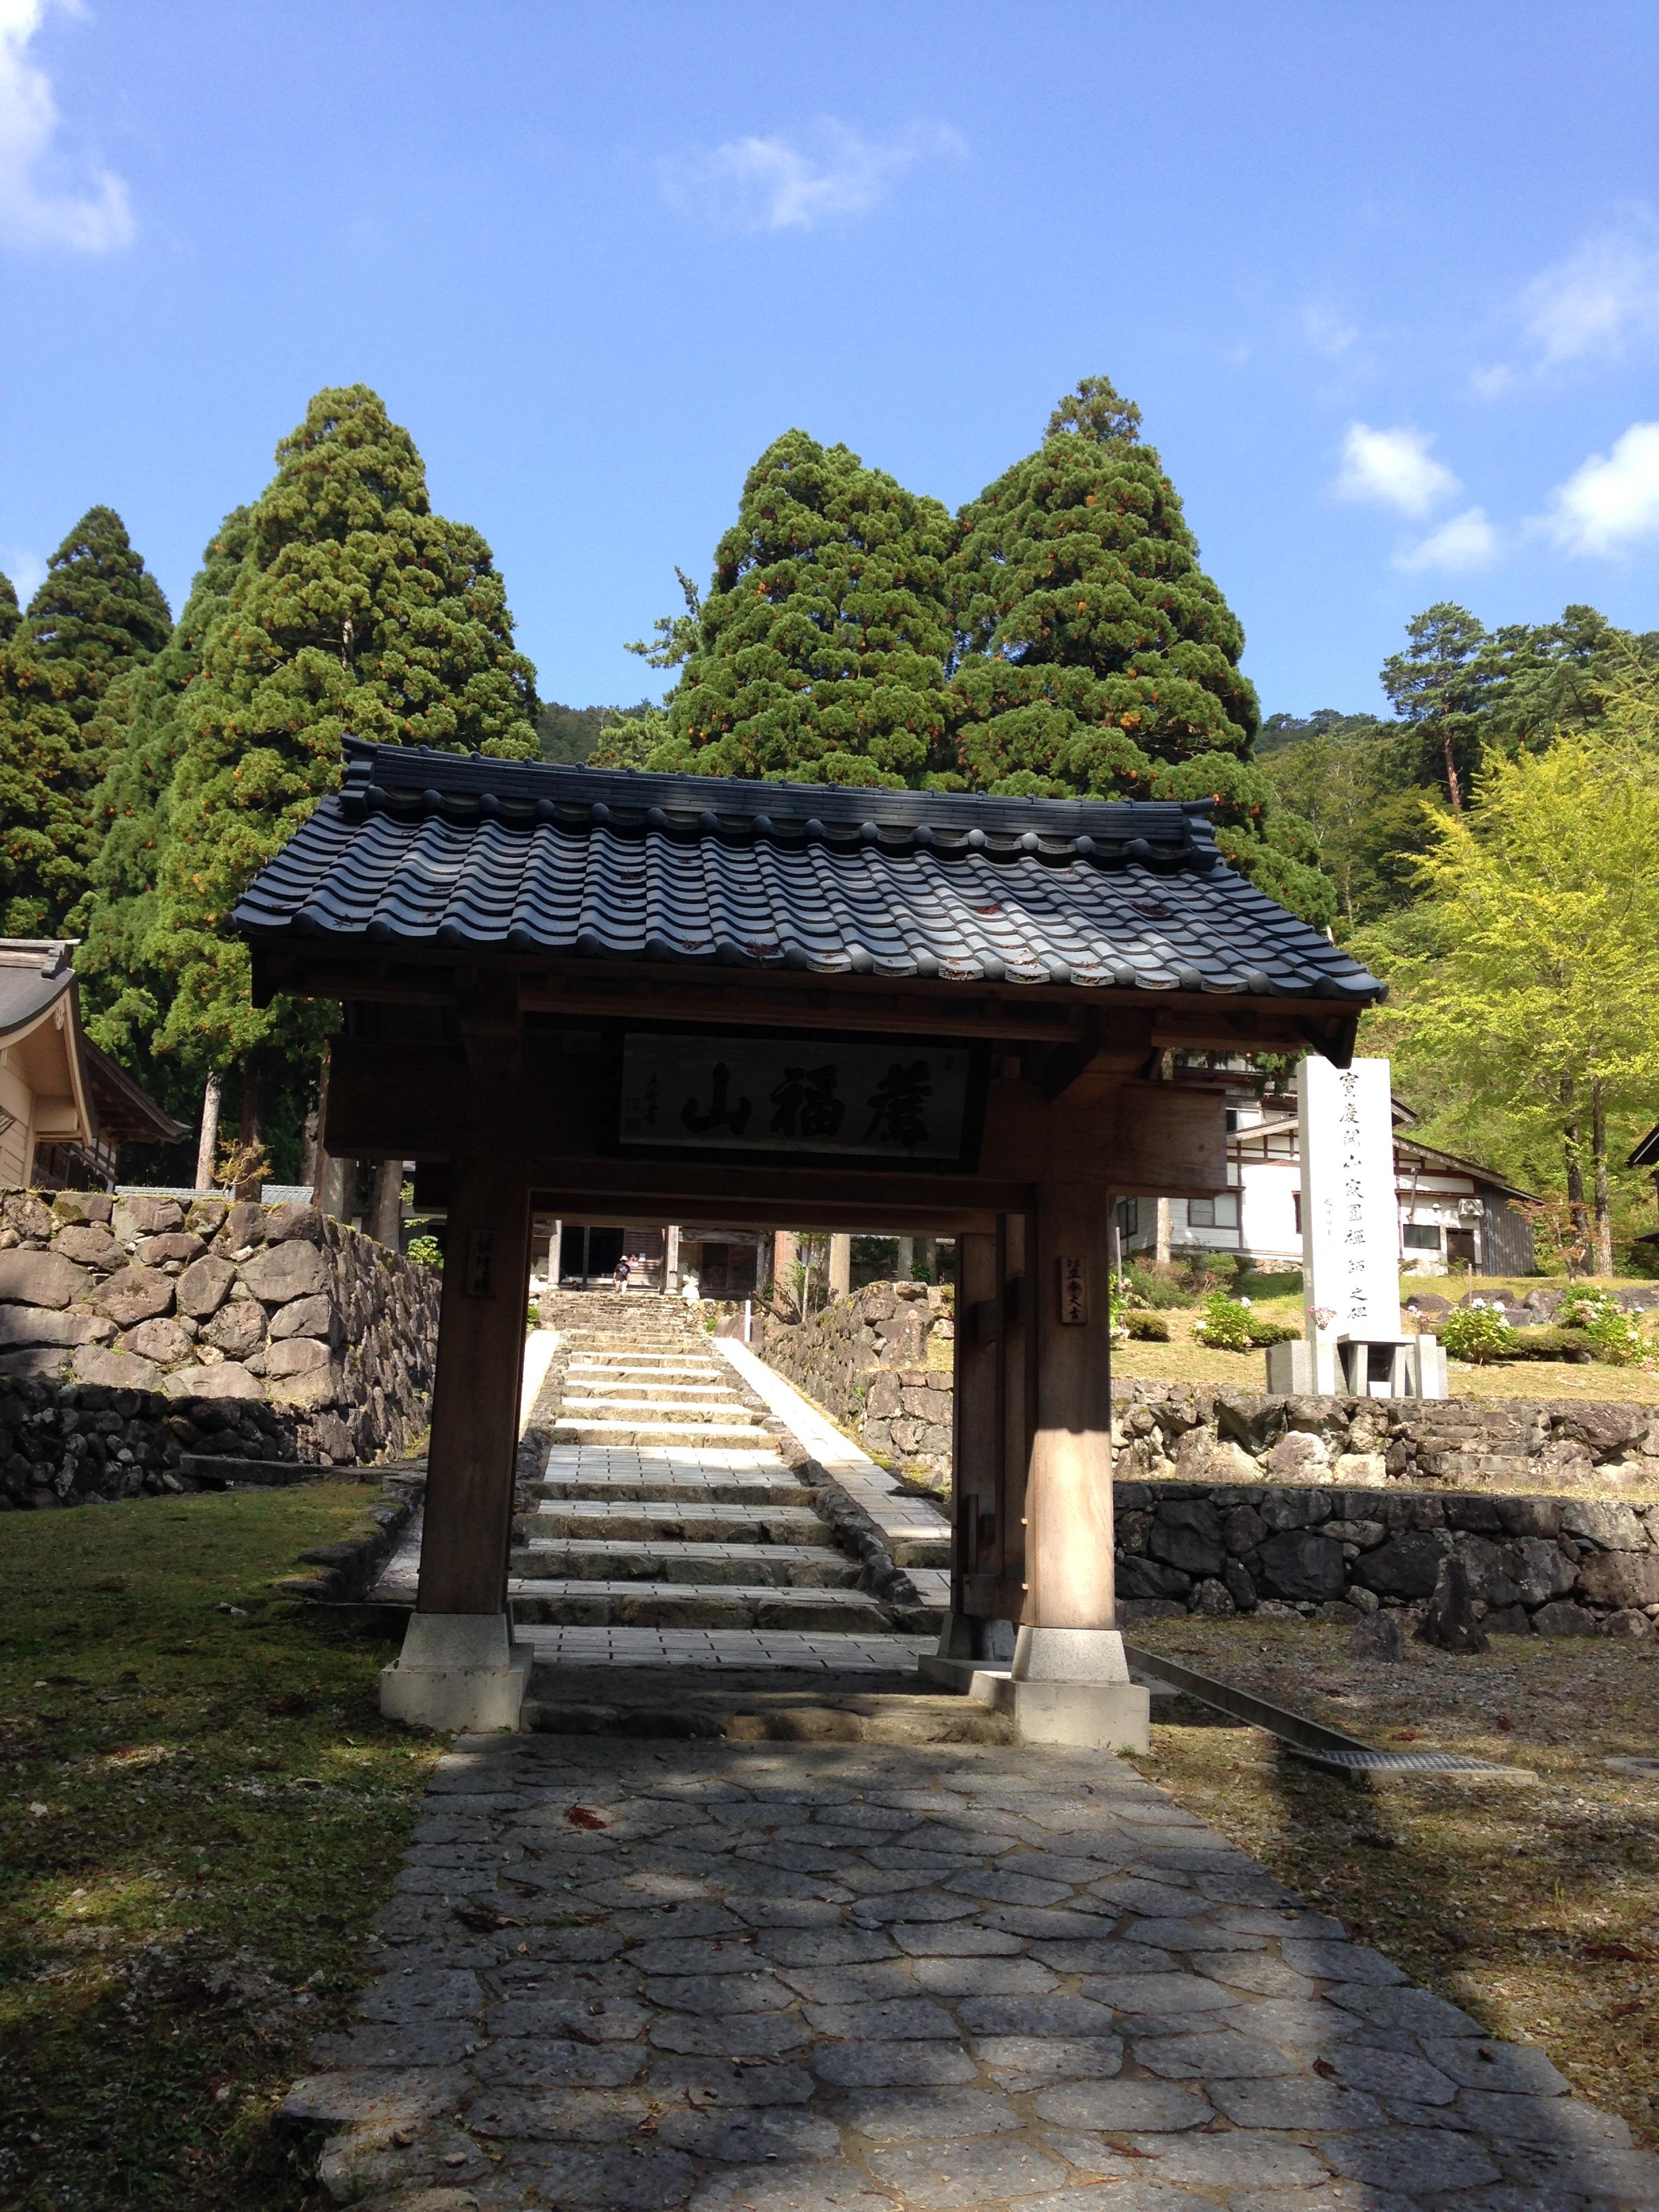 福井の山寺、禅の第二道場「宝慶寺」